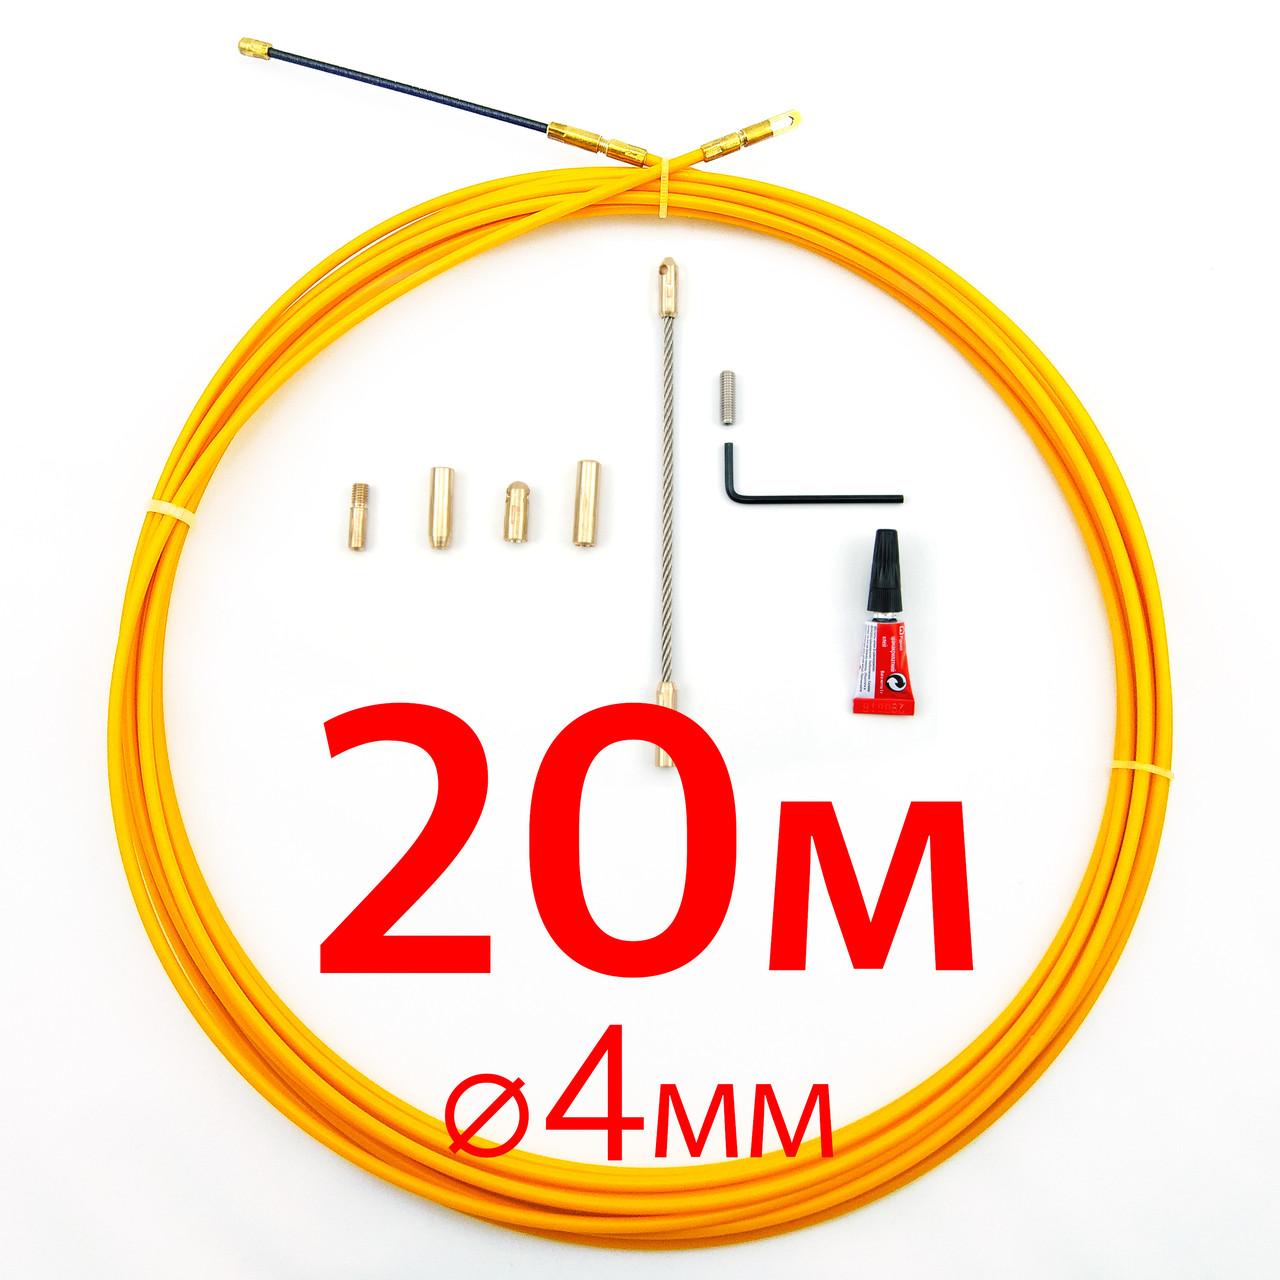 Кабельная протяжка, стеклопруток 4мм х 20м + 7 наконечников